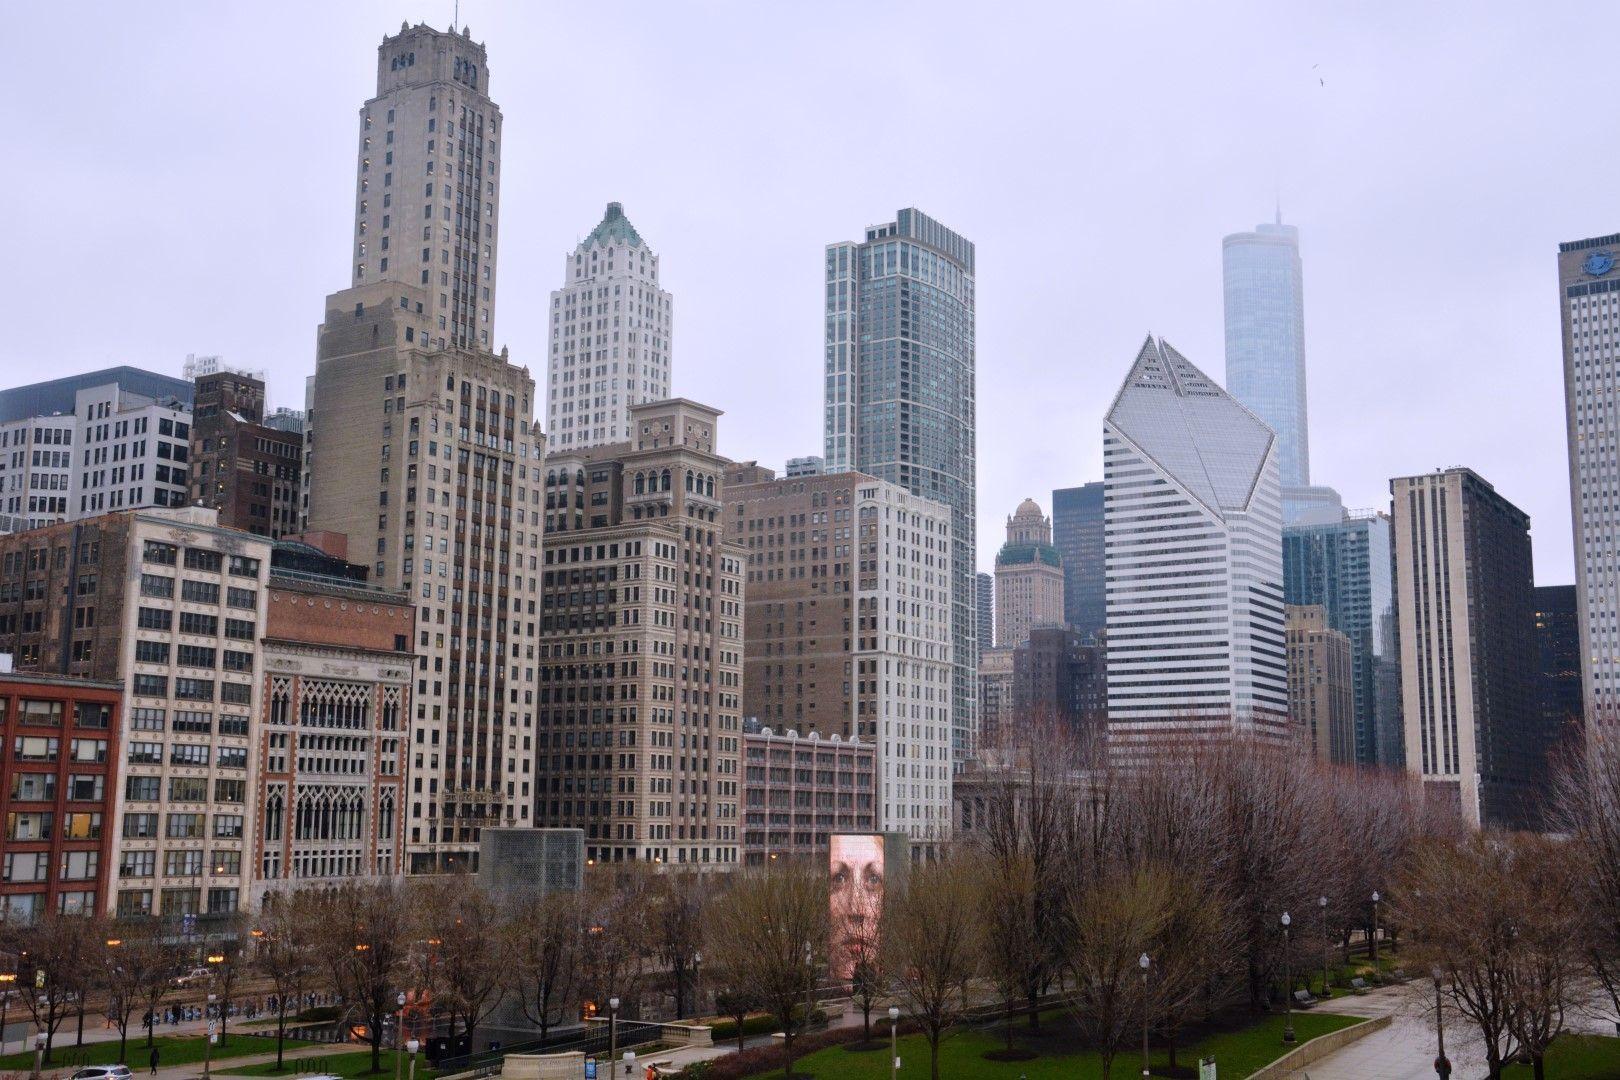 Vista del Millenium Park y los rascacielos que lo rodean